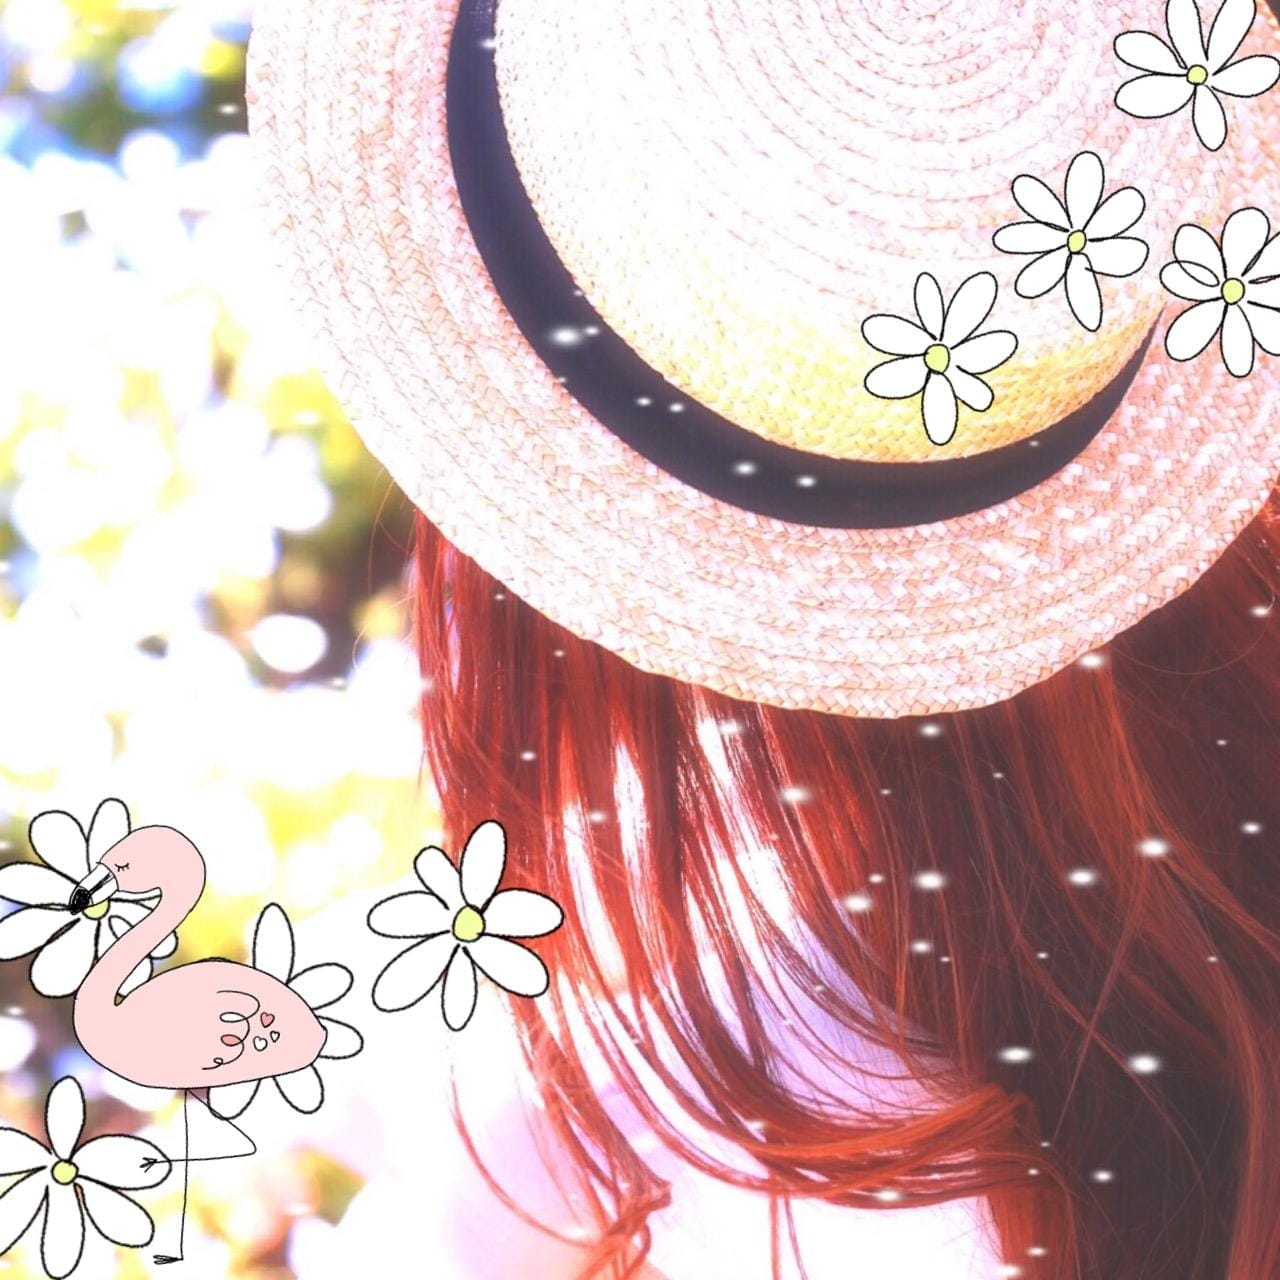 ひとみ「夏。」07/21(土) 09:01 | ひとみの写メ・風俗動画